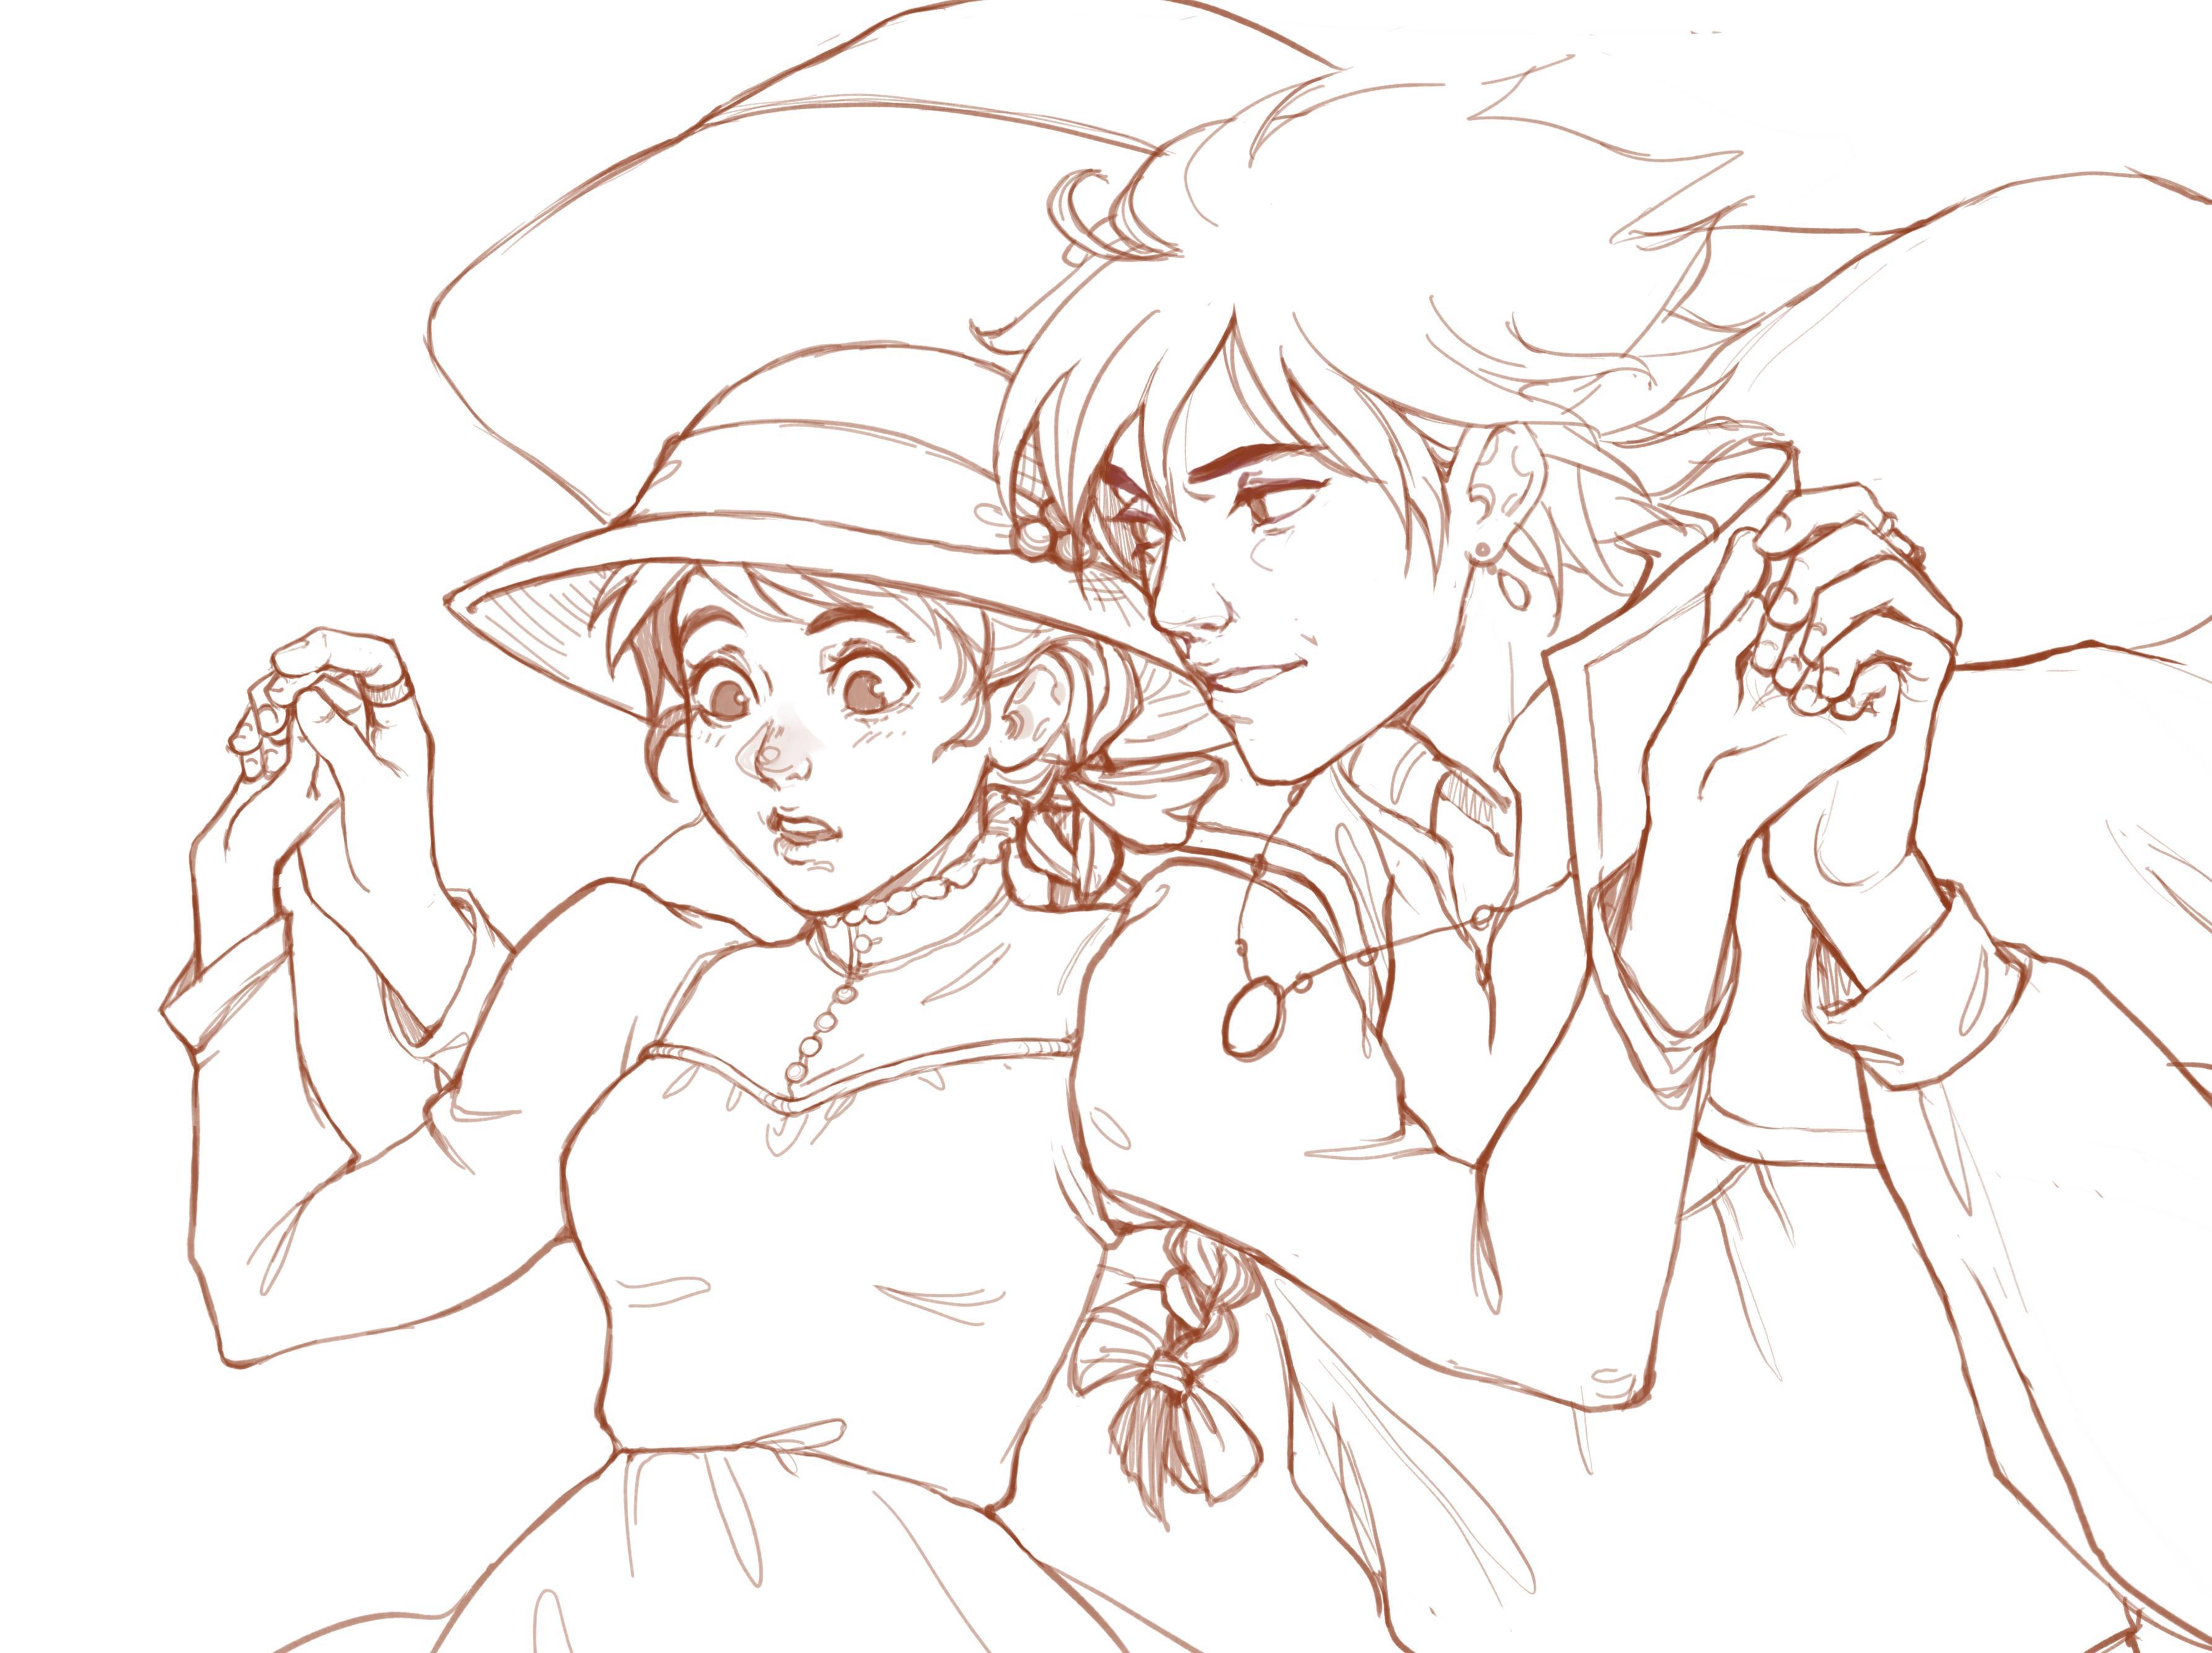 lineart/final sketch